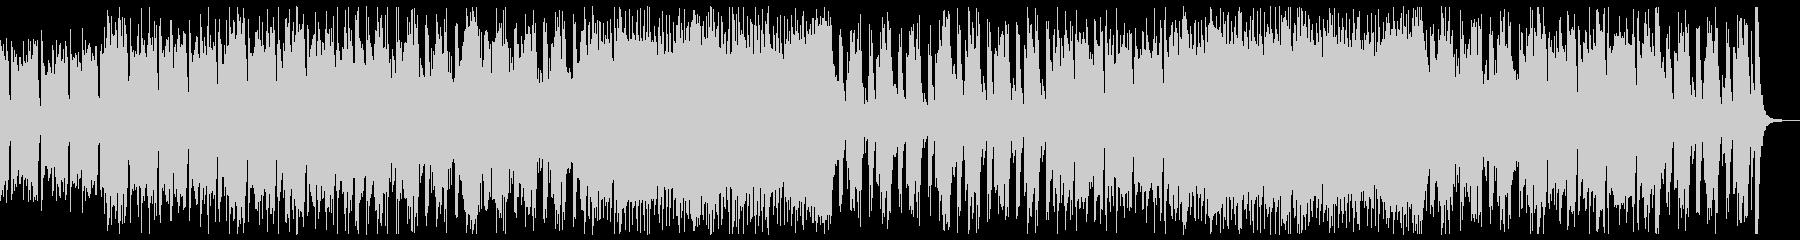 和楽器・和風・サムライヒーロー:尺八琴抜の未再生の波形